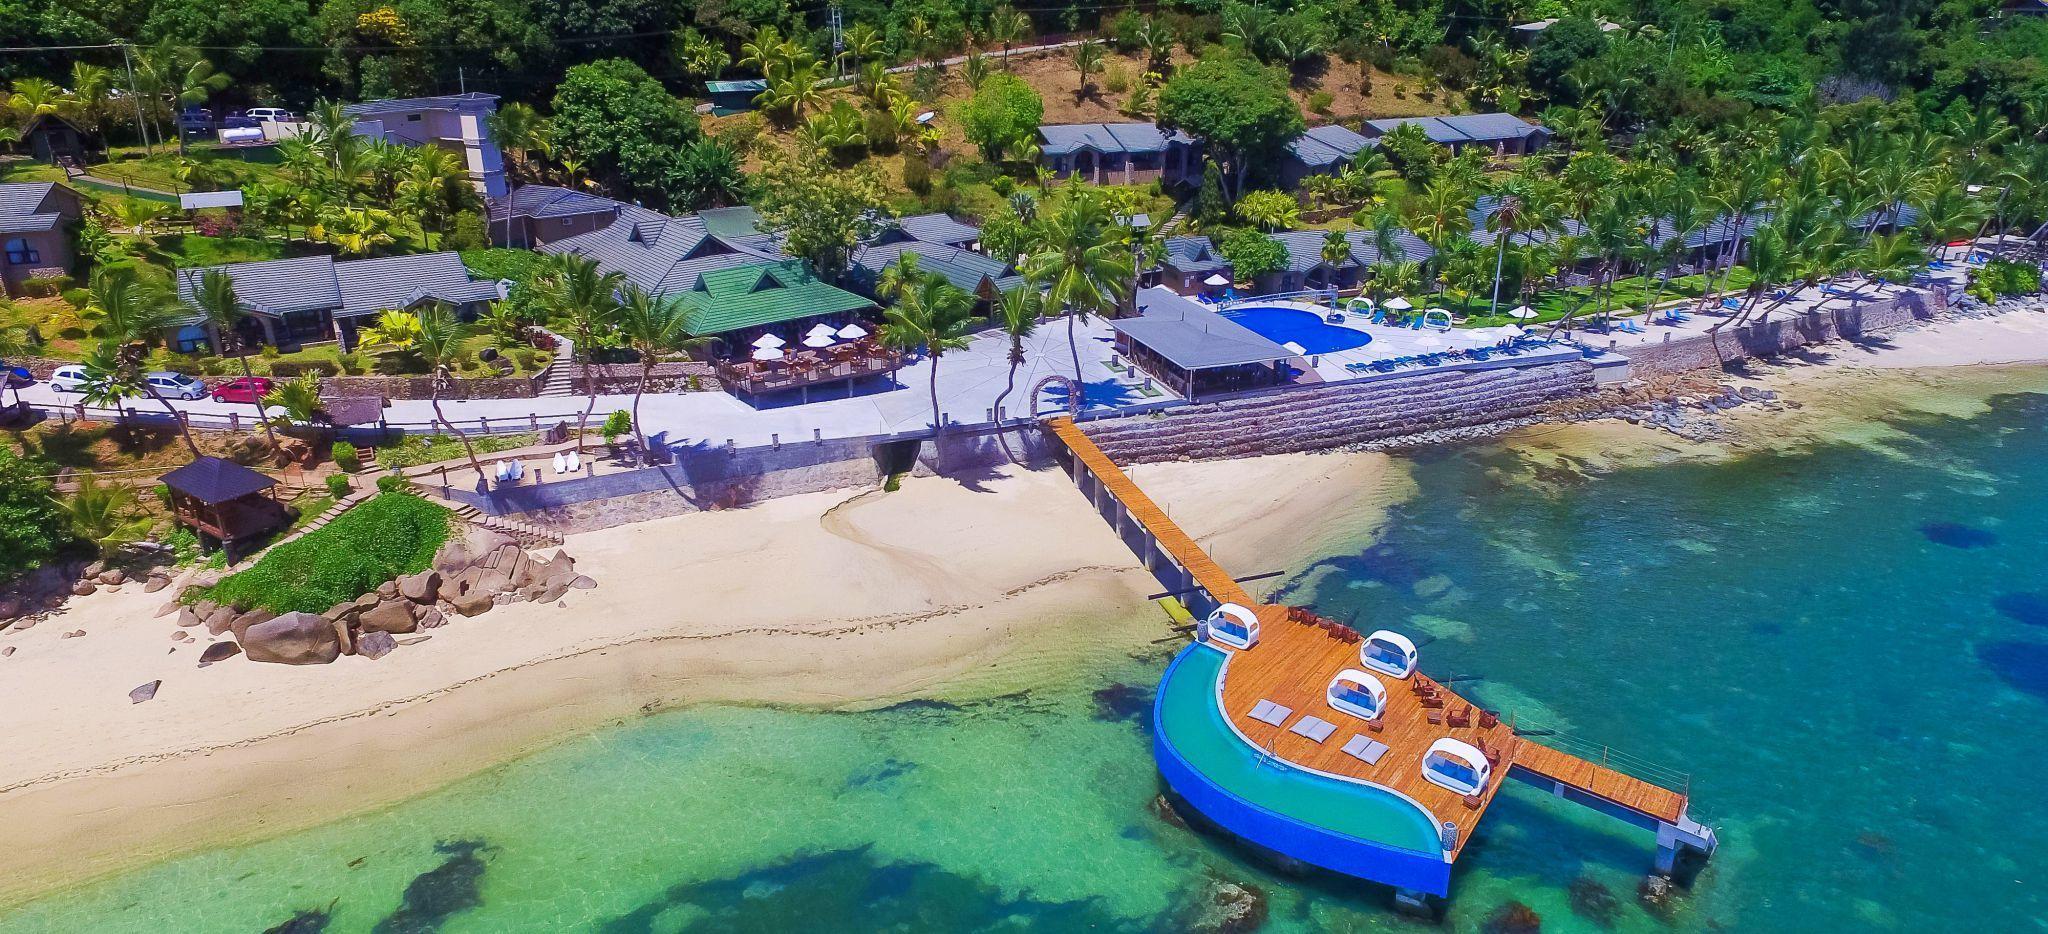 Luftaufnahme des Hotels mit Sicht auf Steg nahe des Restaurants Mango Terrace